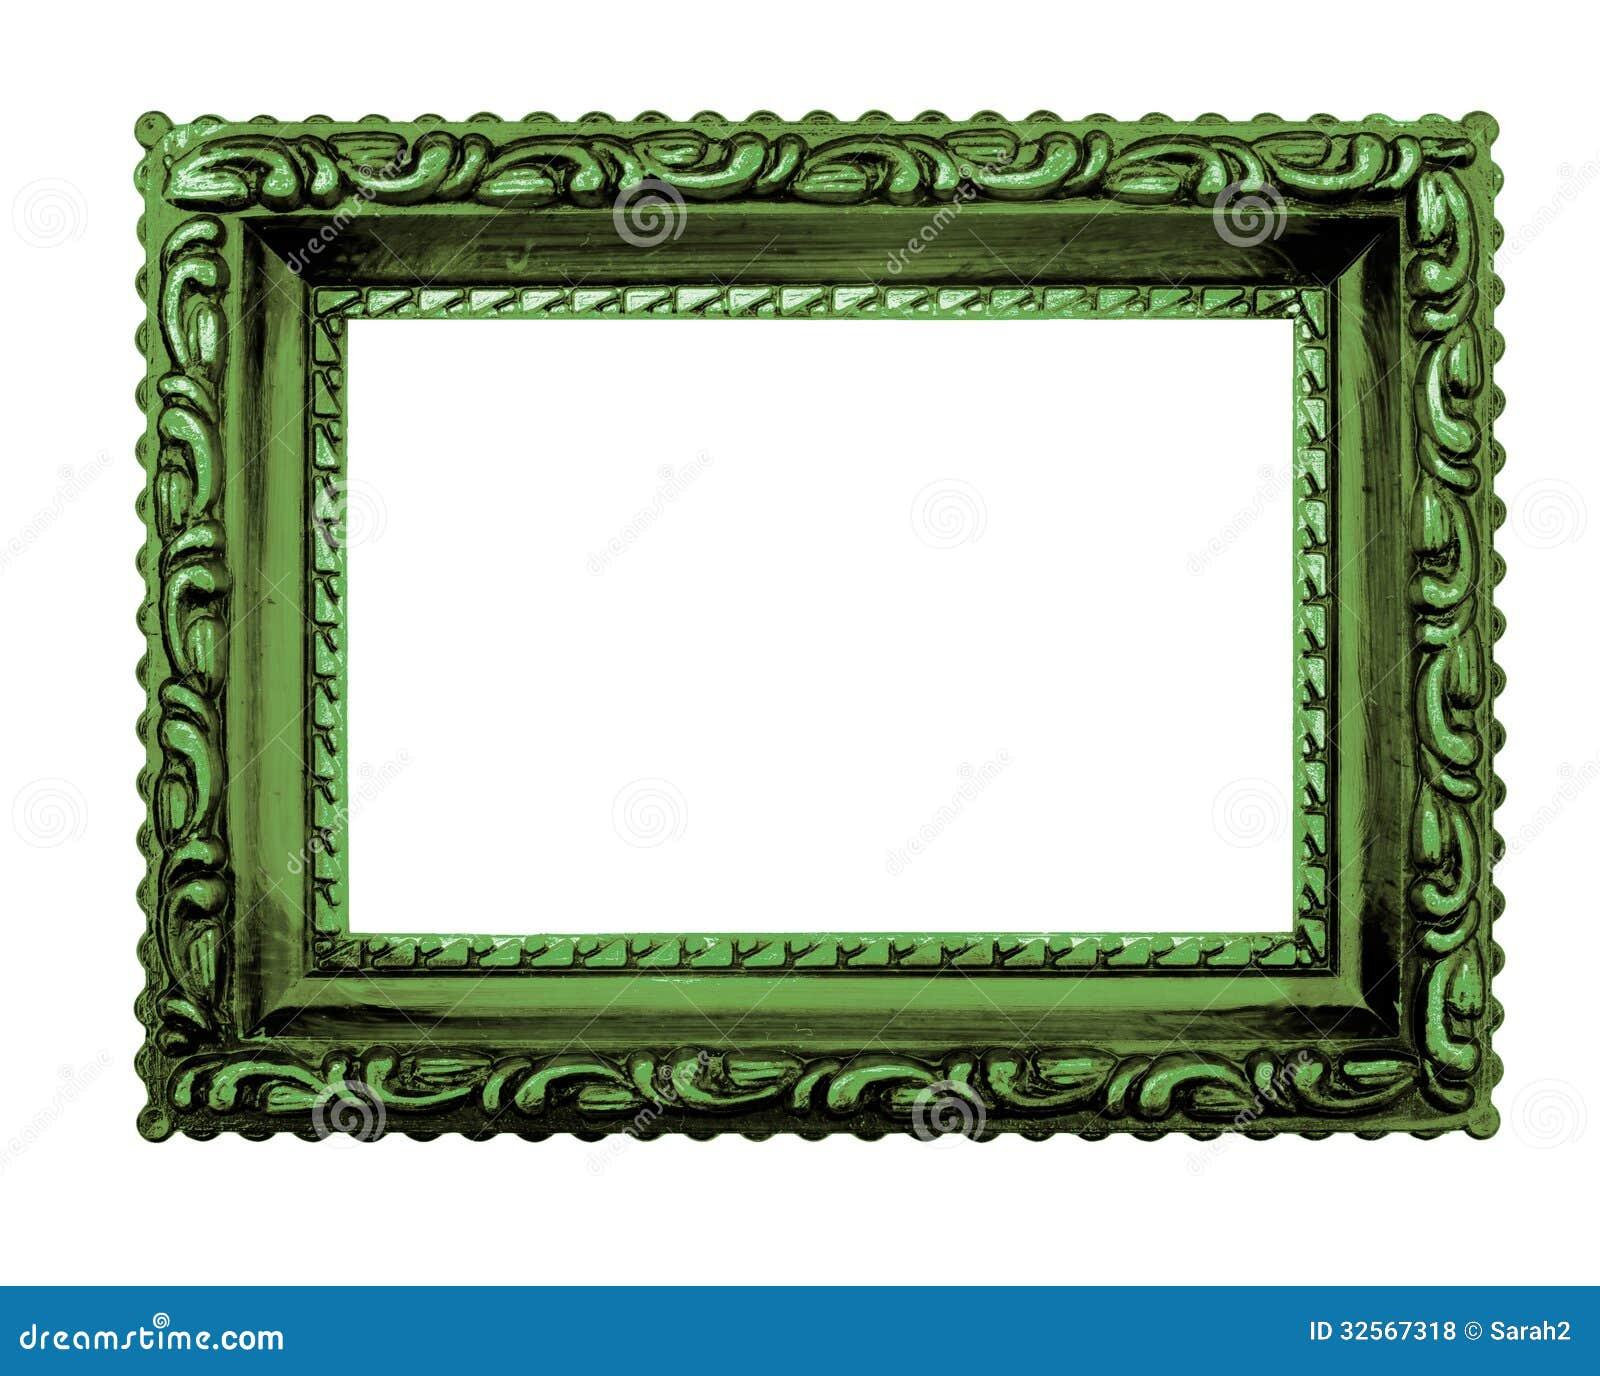 Cadre de tableau vert chic minable fond blanc photos for Image de cadre de tableau